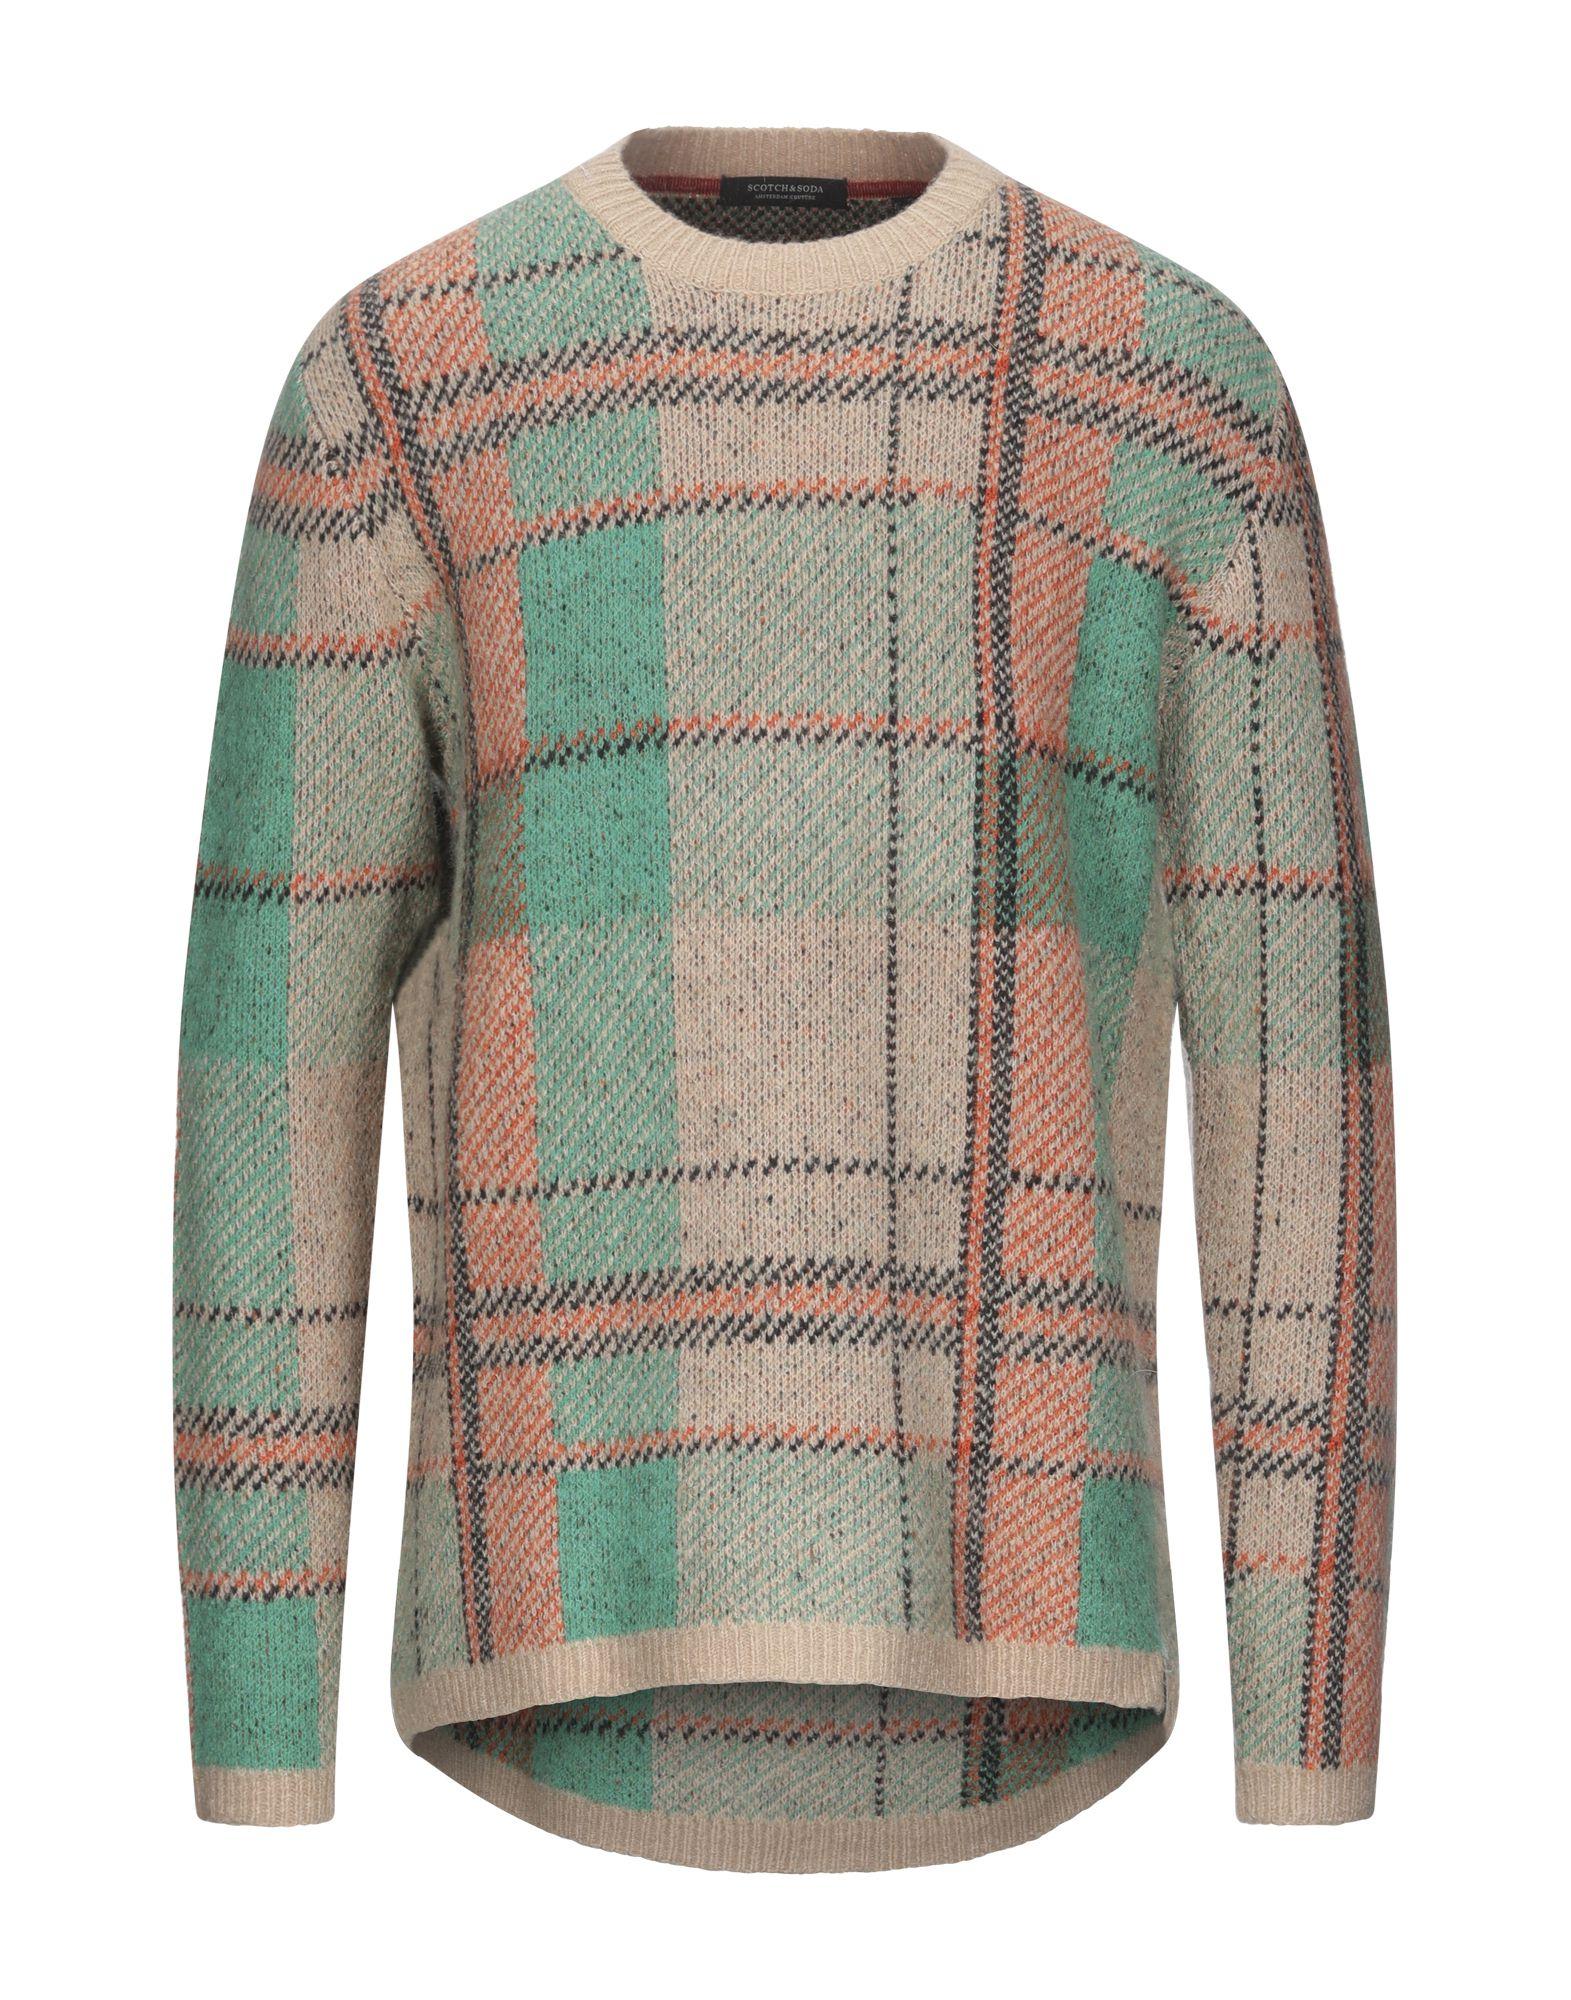 SCOTCH & SODA Sweaters - Item 14065634